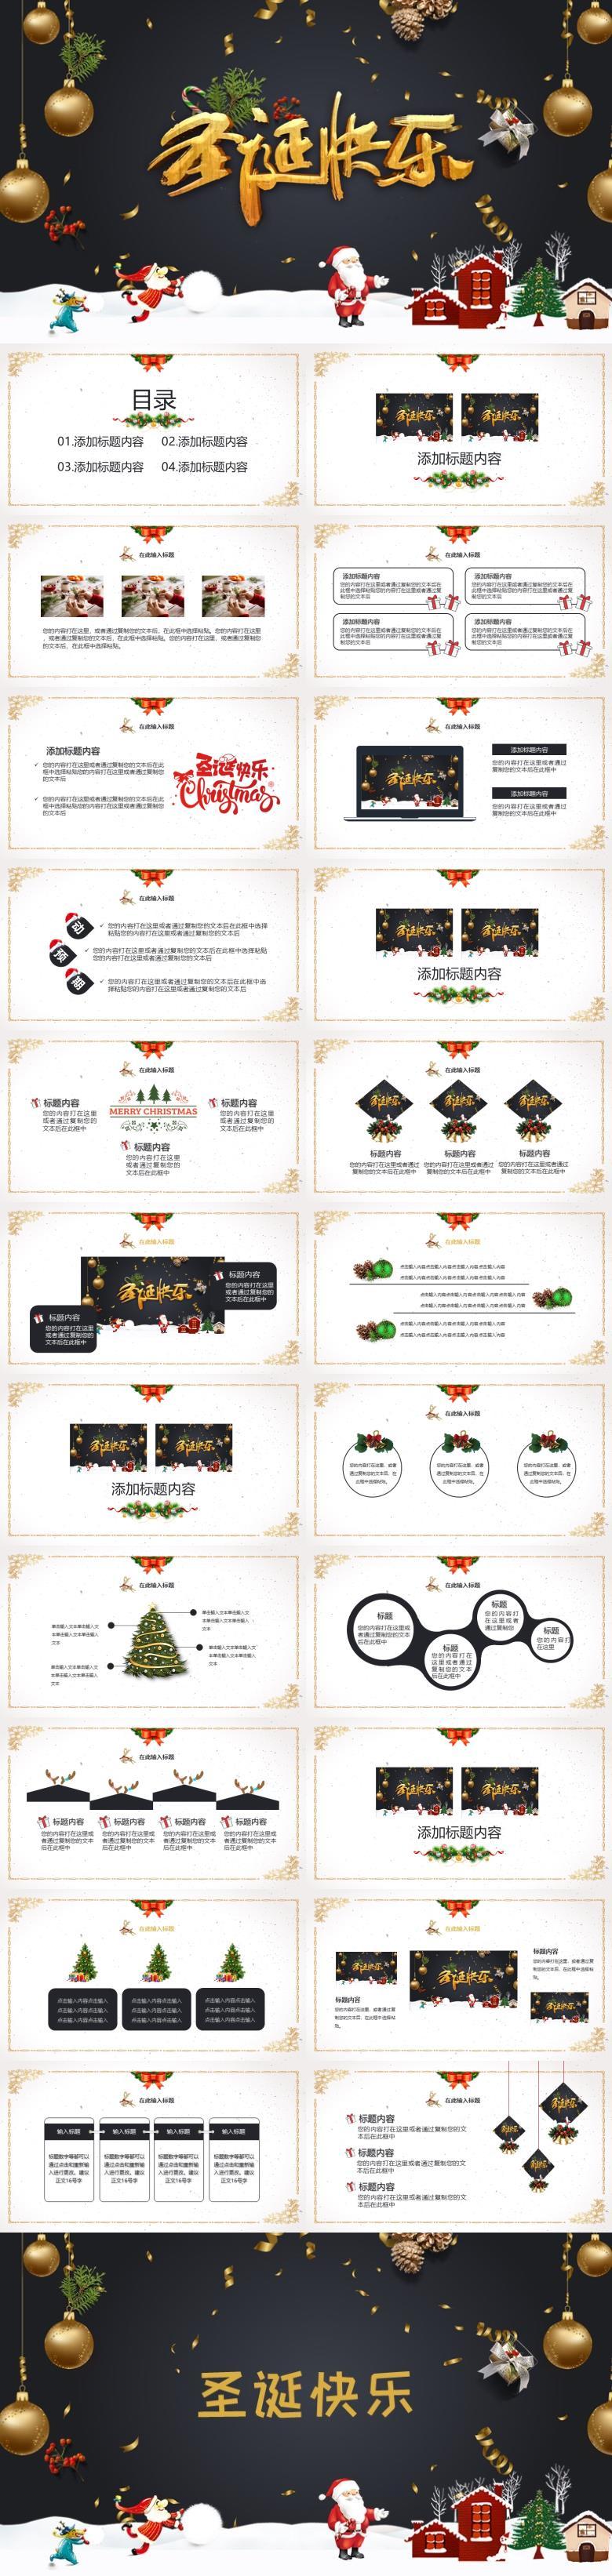 黑色卡通平安夜圣诞活动计划总结ppt模板_2.jpg